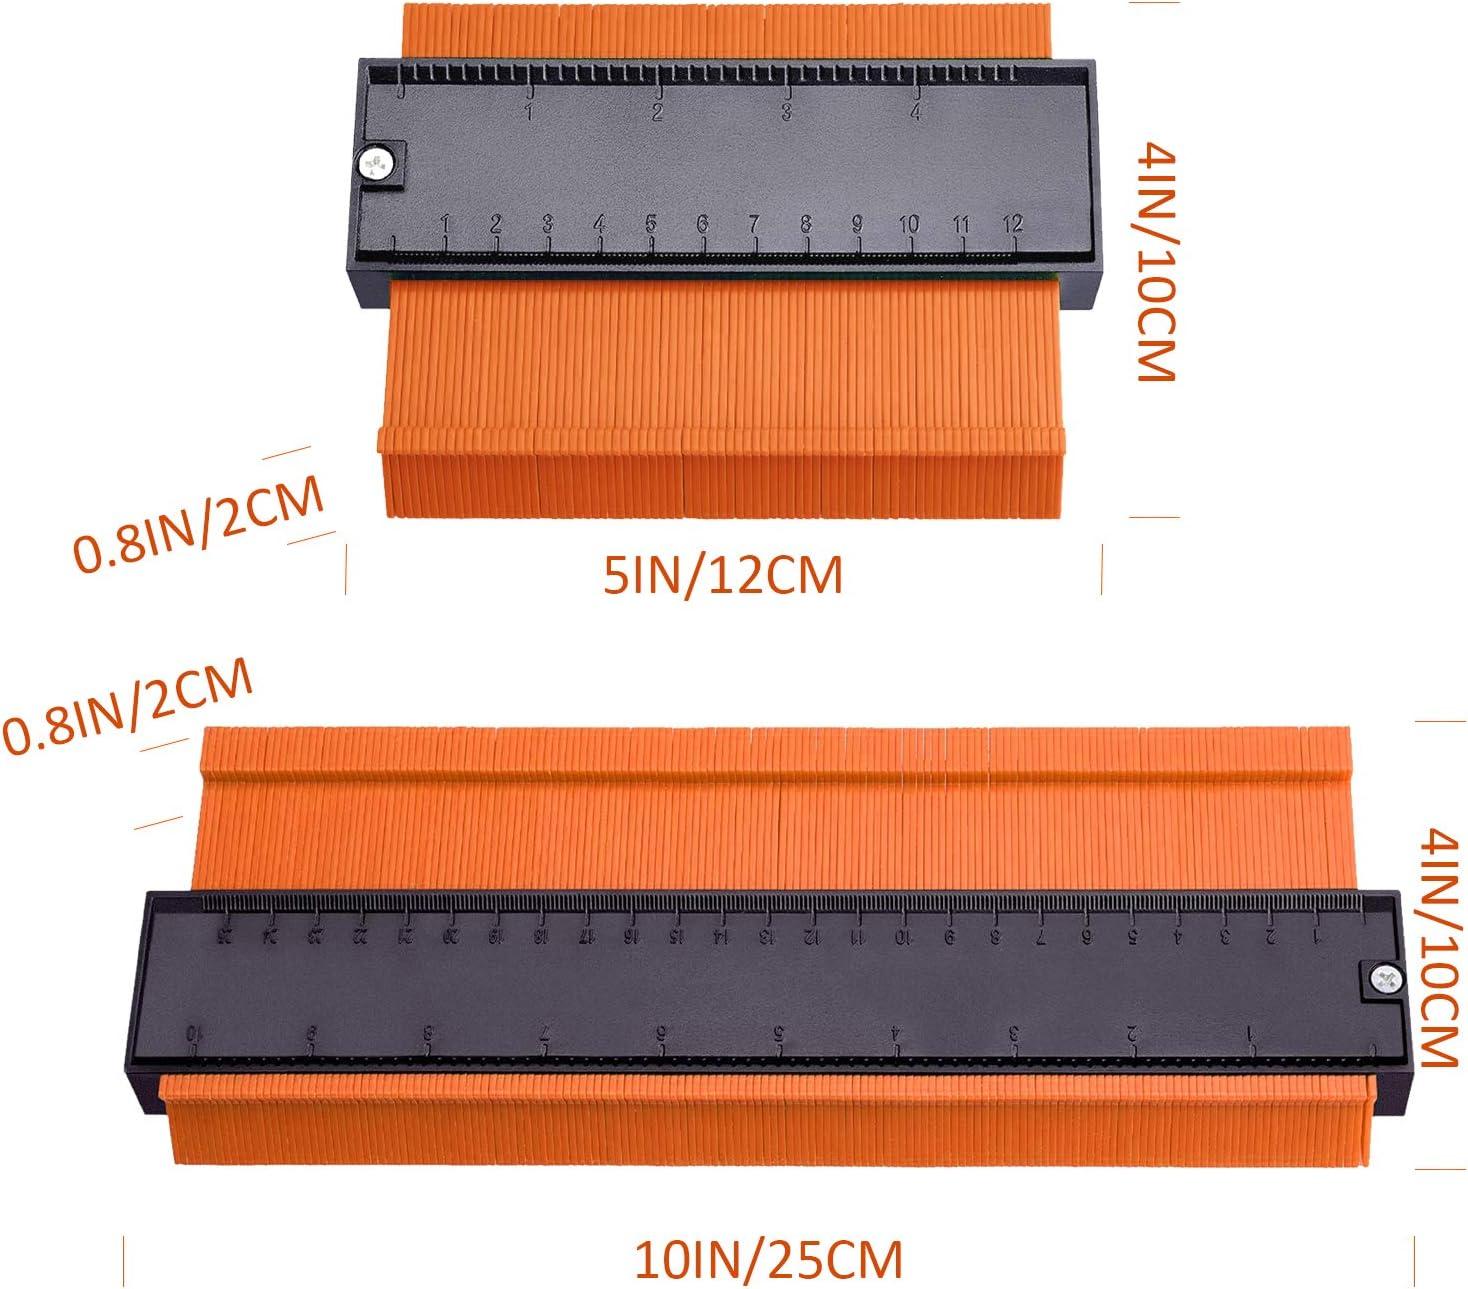 Outil de duplicateur Tuyaux de Bobinage Copieur de Profil pour Jauge de Profil pour conduits en Plastique Jaune Cadres Circulaires